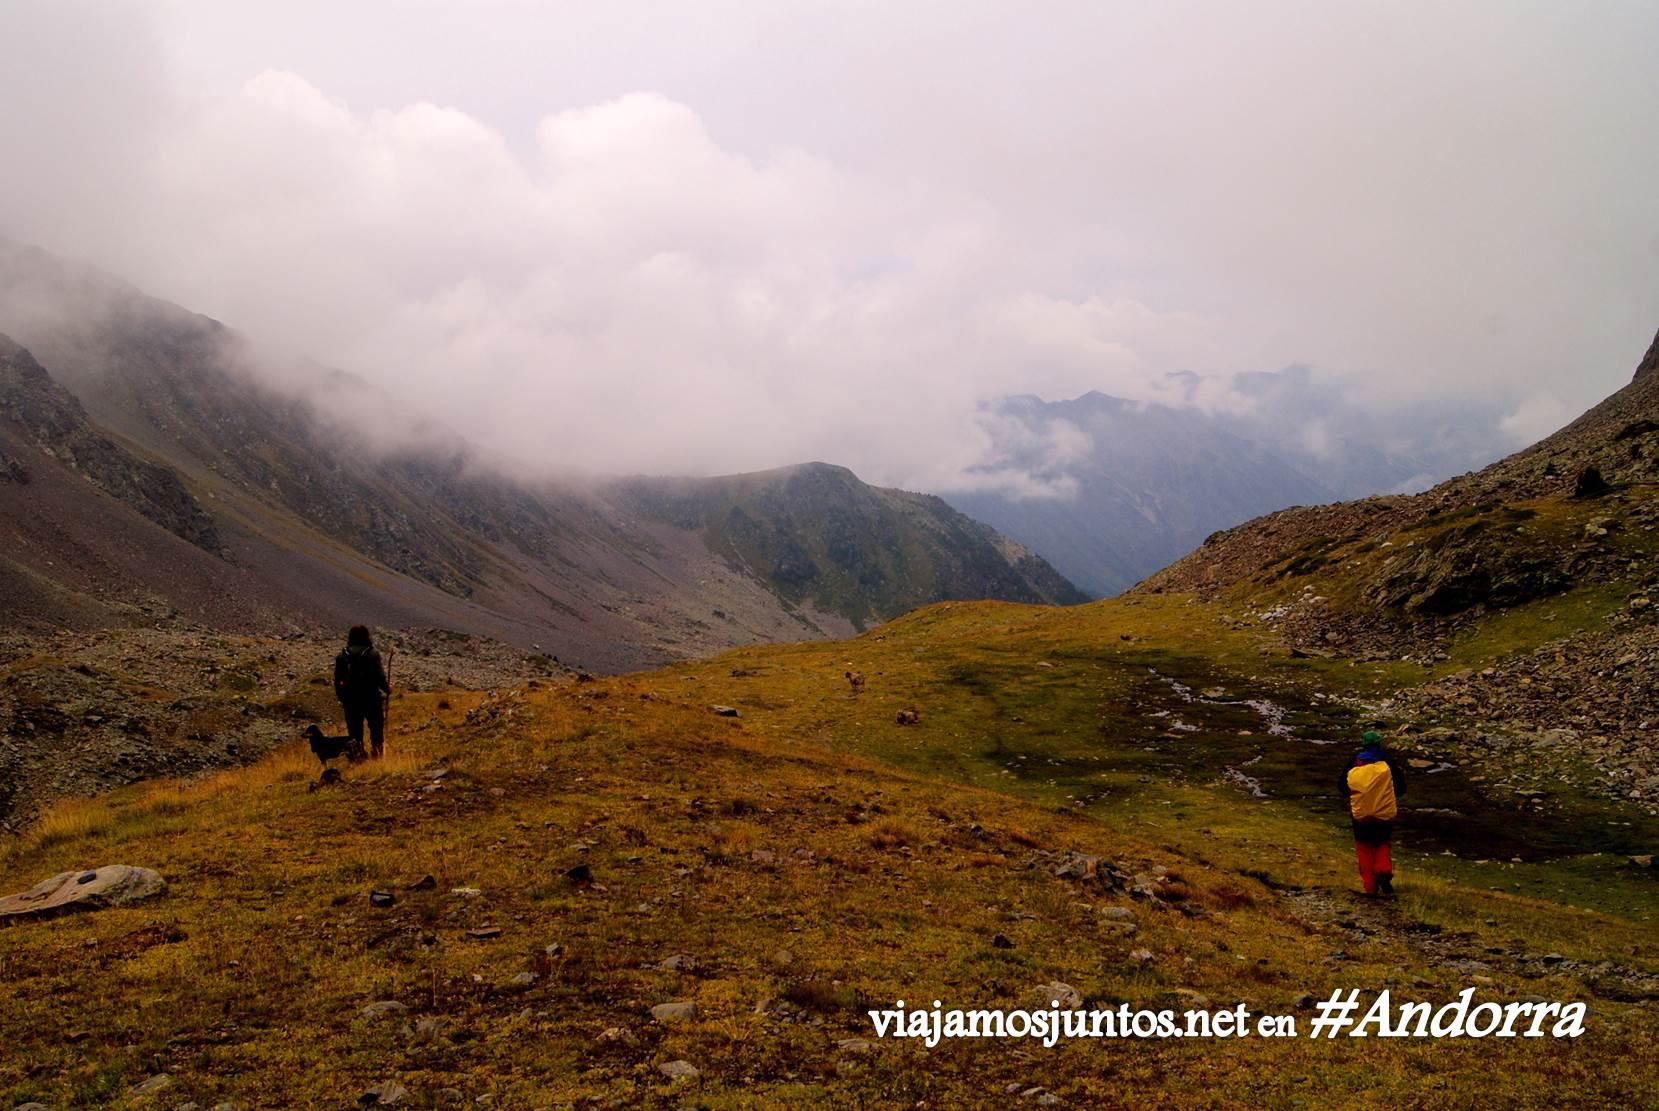 GRP de Andorra, trekking por los Pirineos Orientales; el cielo va cerrándose...